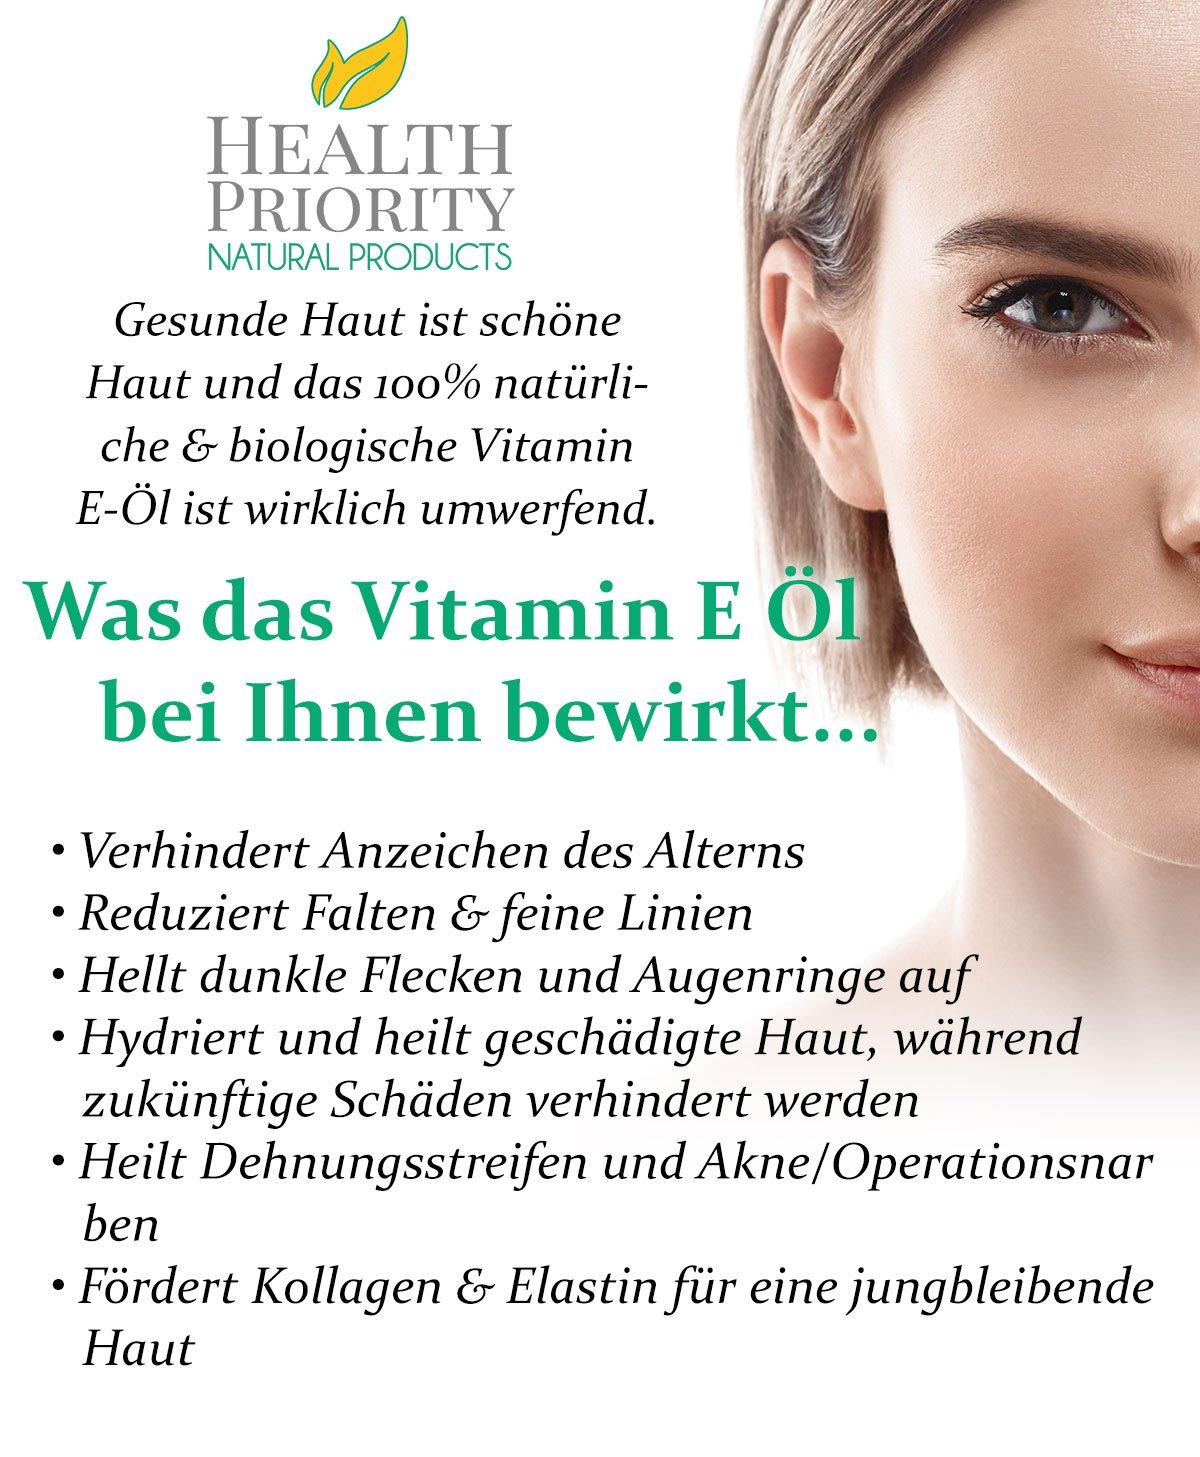 Aceite 100% natural y orgánico de vitamina E para la cara y la piel - 15,000/30,000 IU - Reduce las arrugas y aclara las manchas oscuras, dejando la piel ...